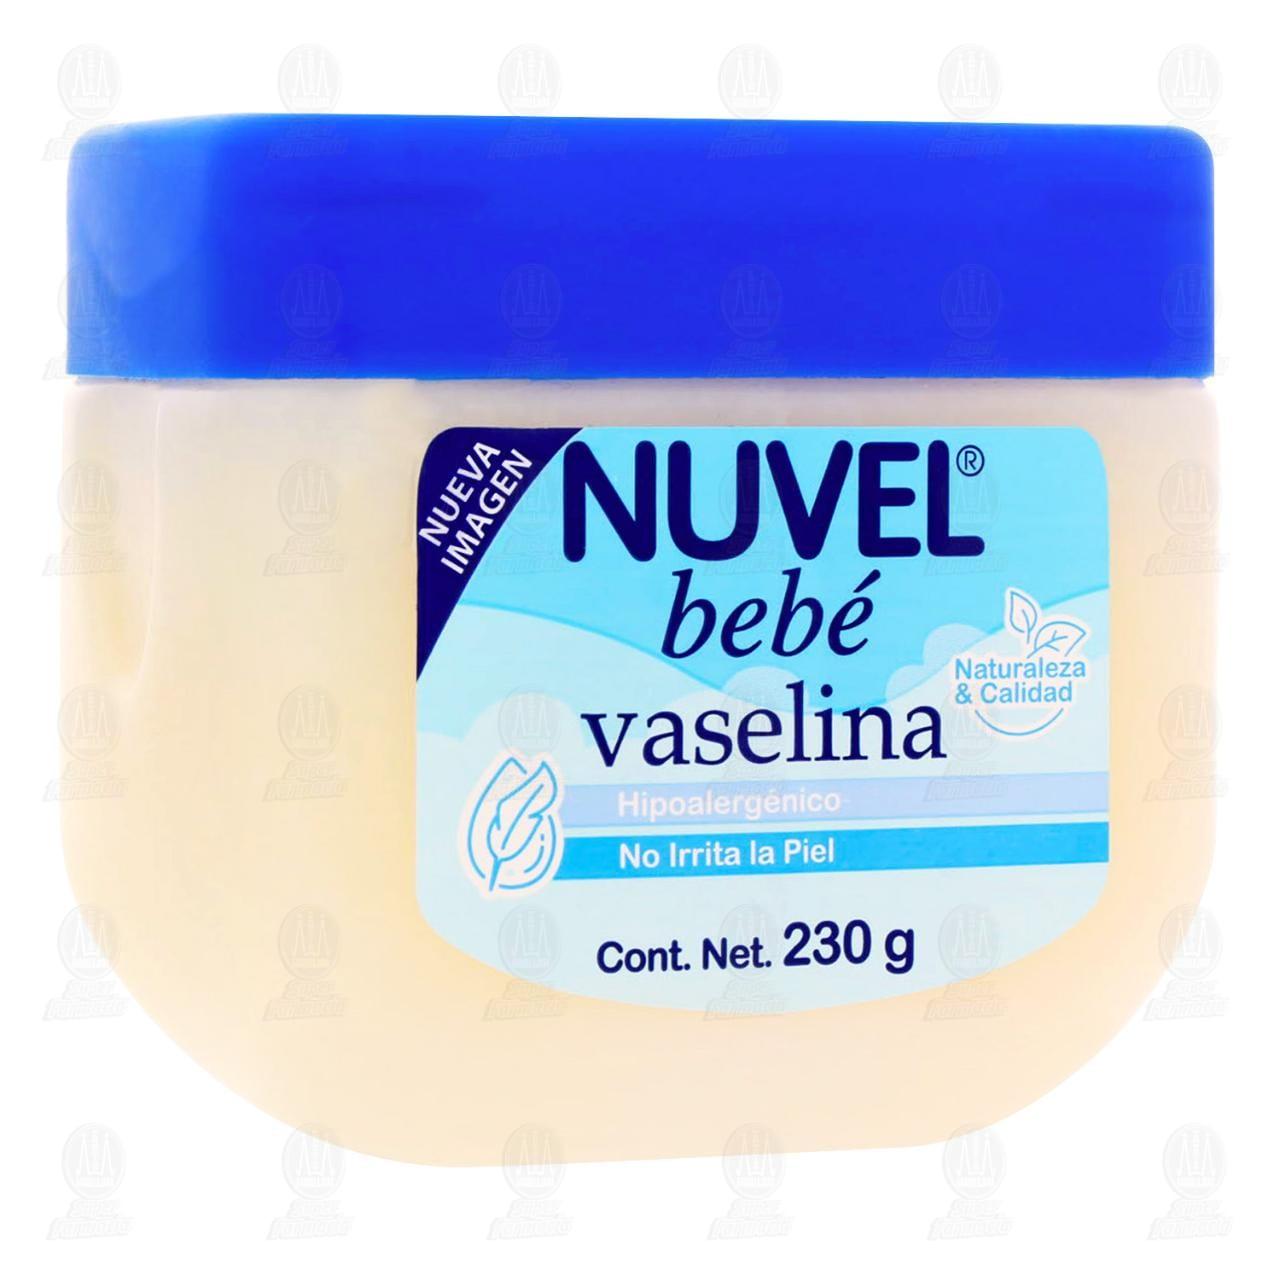 comprar https://www.movil.farmaciasguadalajara.com/wcsstore/FGCAS/wcs/products/975192_A_1280_AL.jpg en farmacias guadalajara